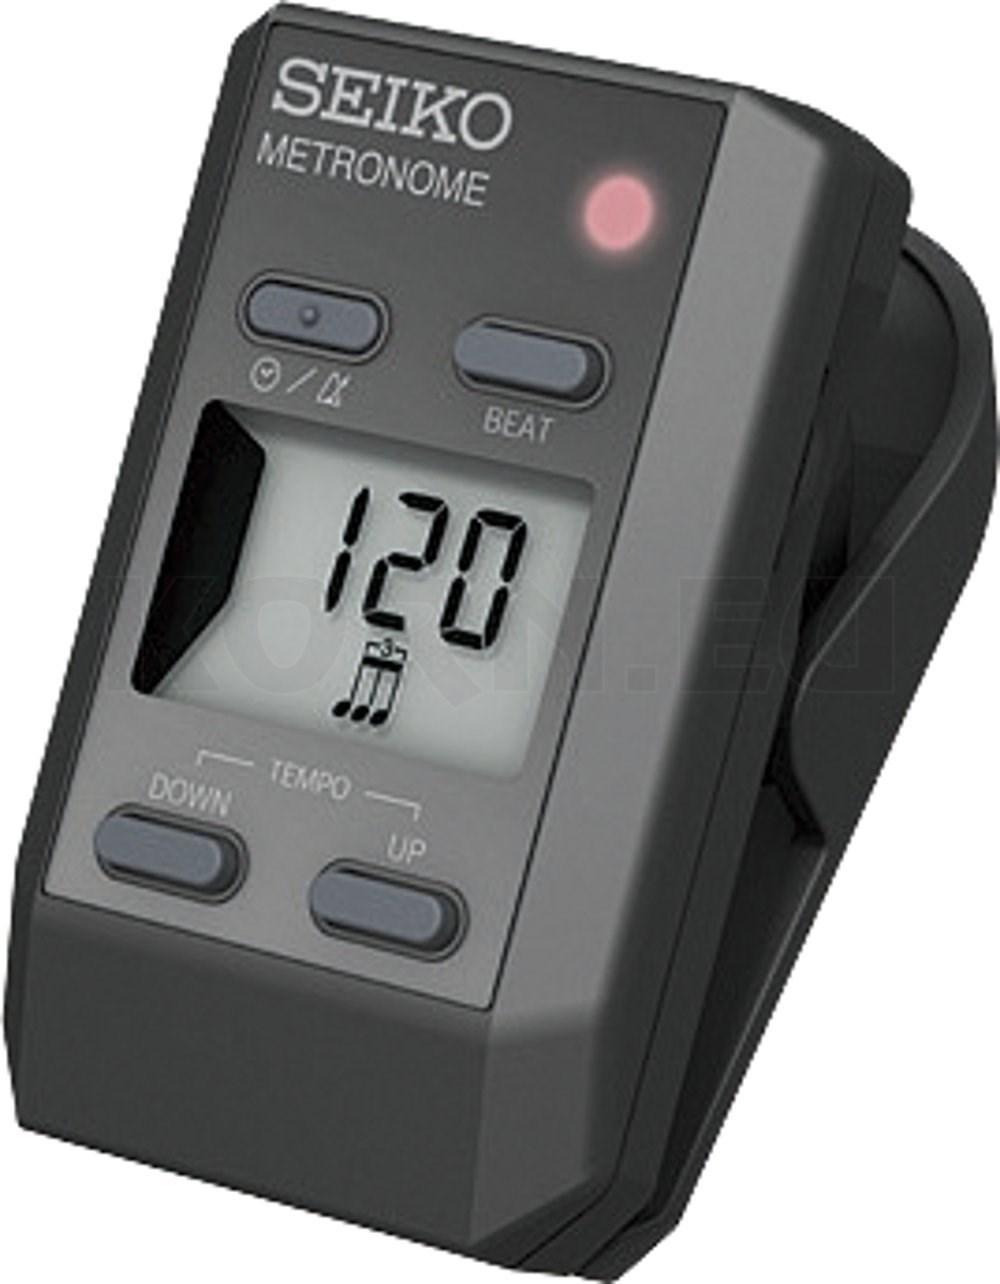 SEIKO DM-51 Digital Metronom